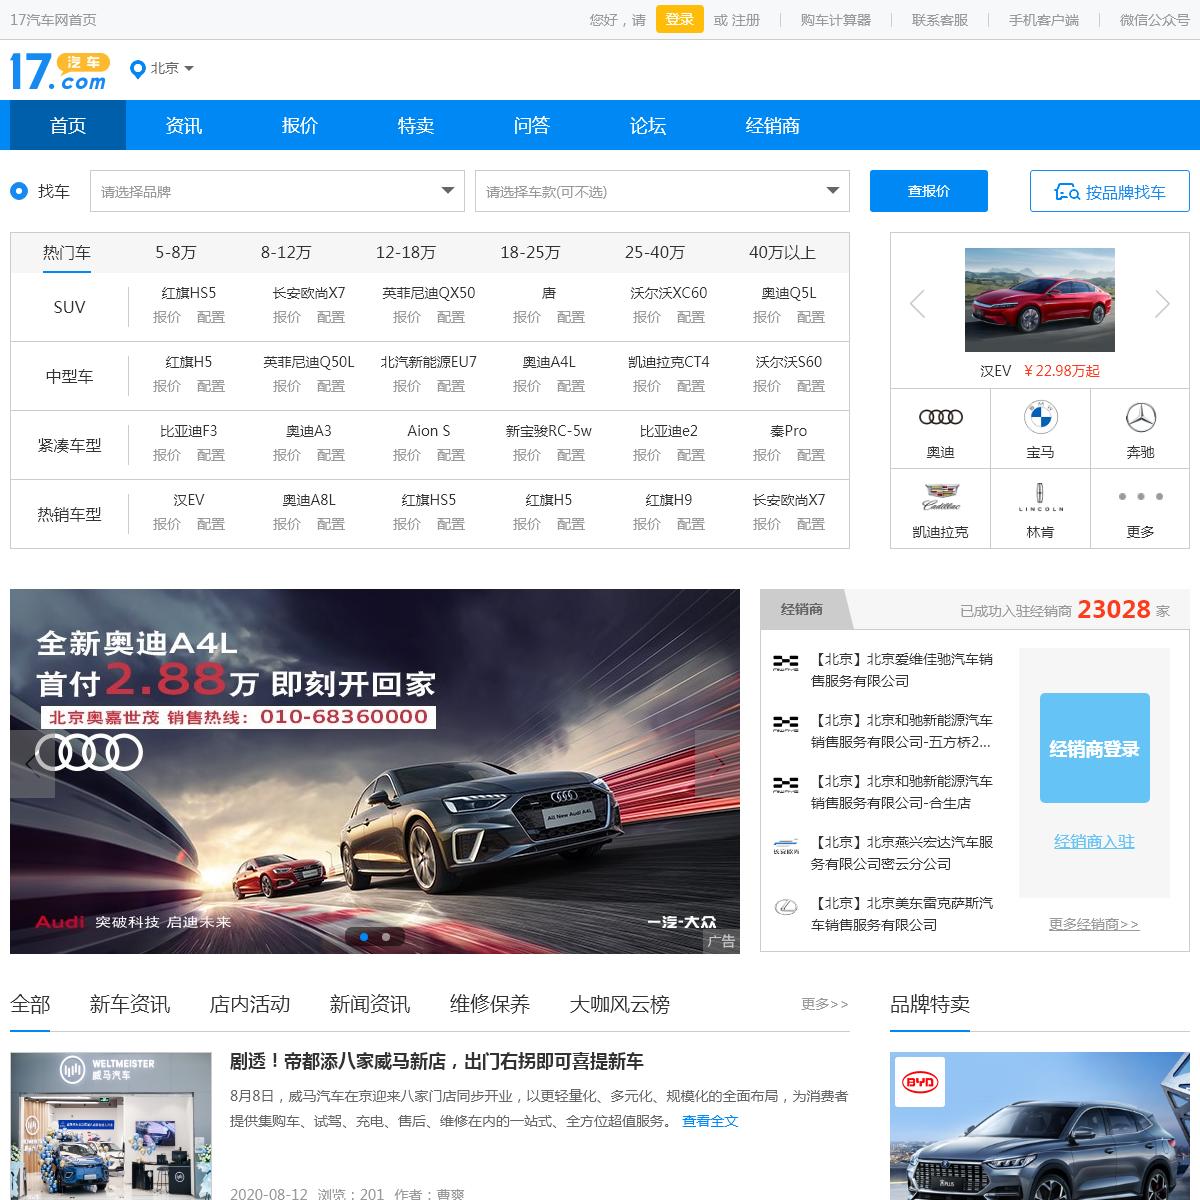 17汽车网(17.com)17买车,一起省钱